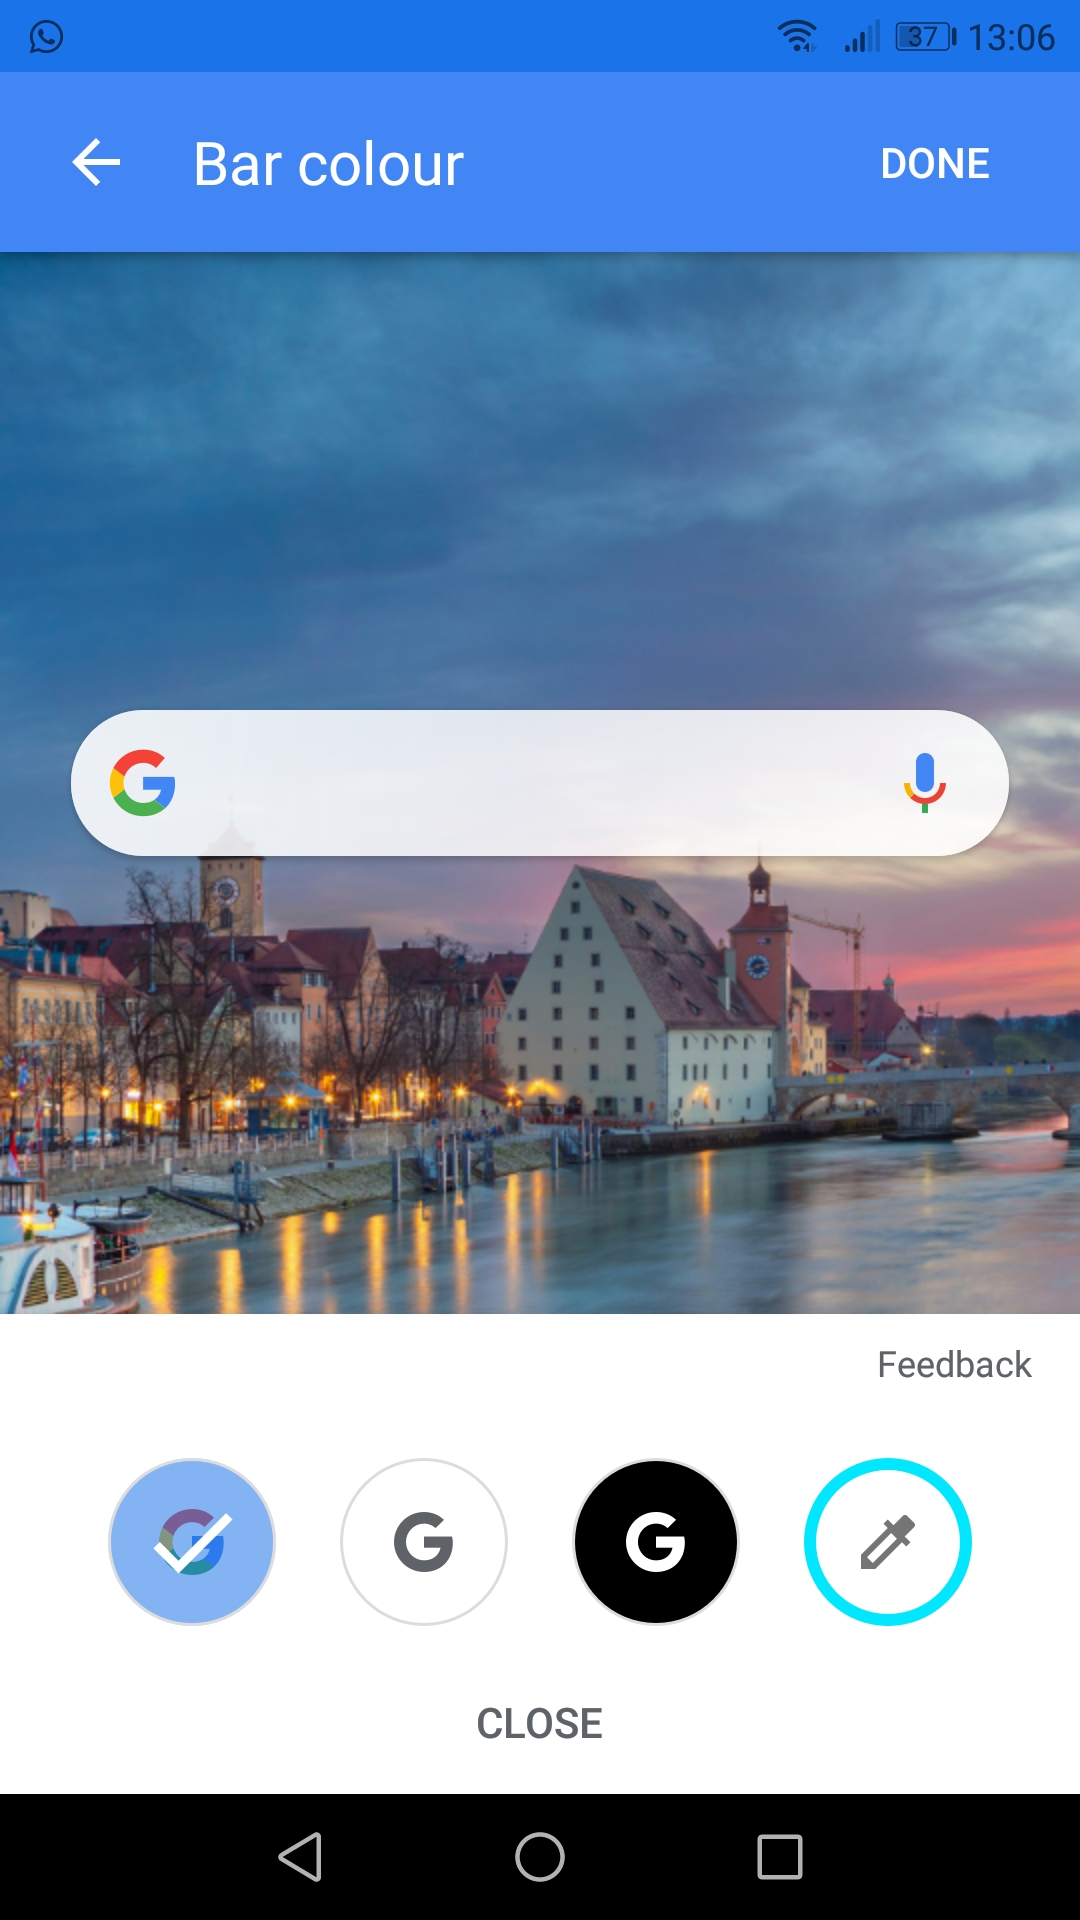 Google search bar got black - Google Search Help